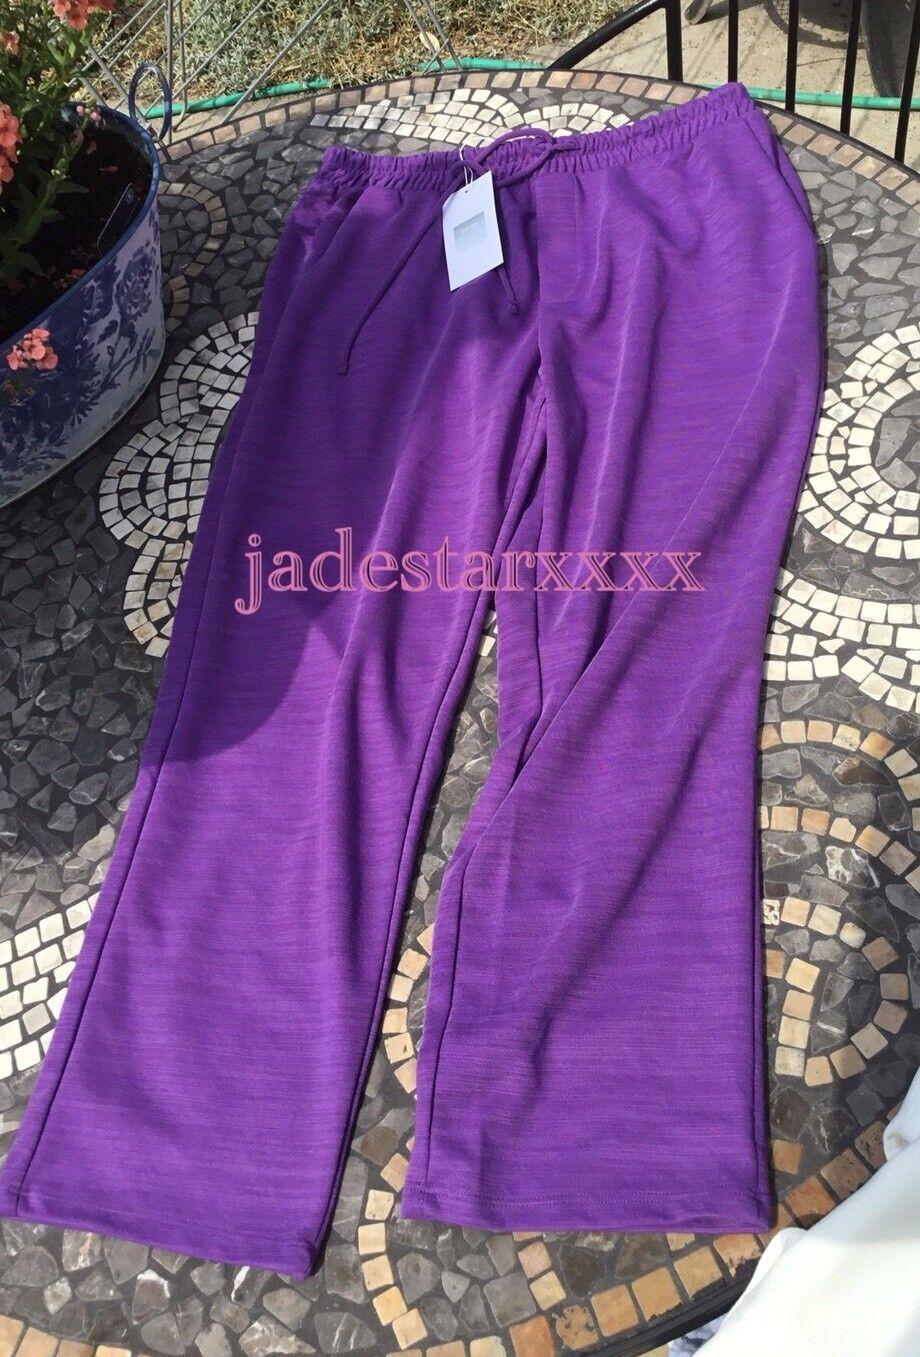 Viola Zara ORD medio piccoli Co S S S M 8 10 nuovi pantaloni sportivi viola Tuta Da Ginnastica Top Nuovo con Etichetta 237d3b